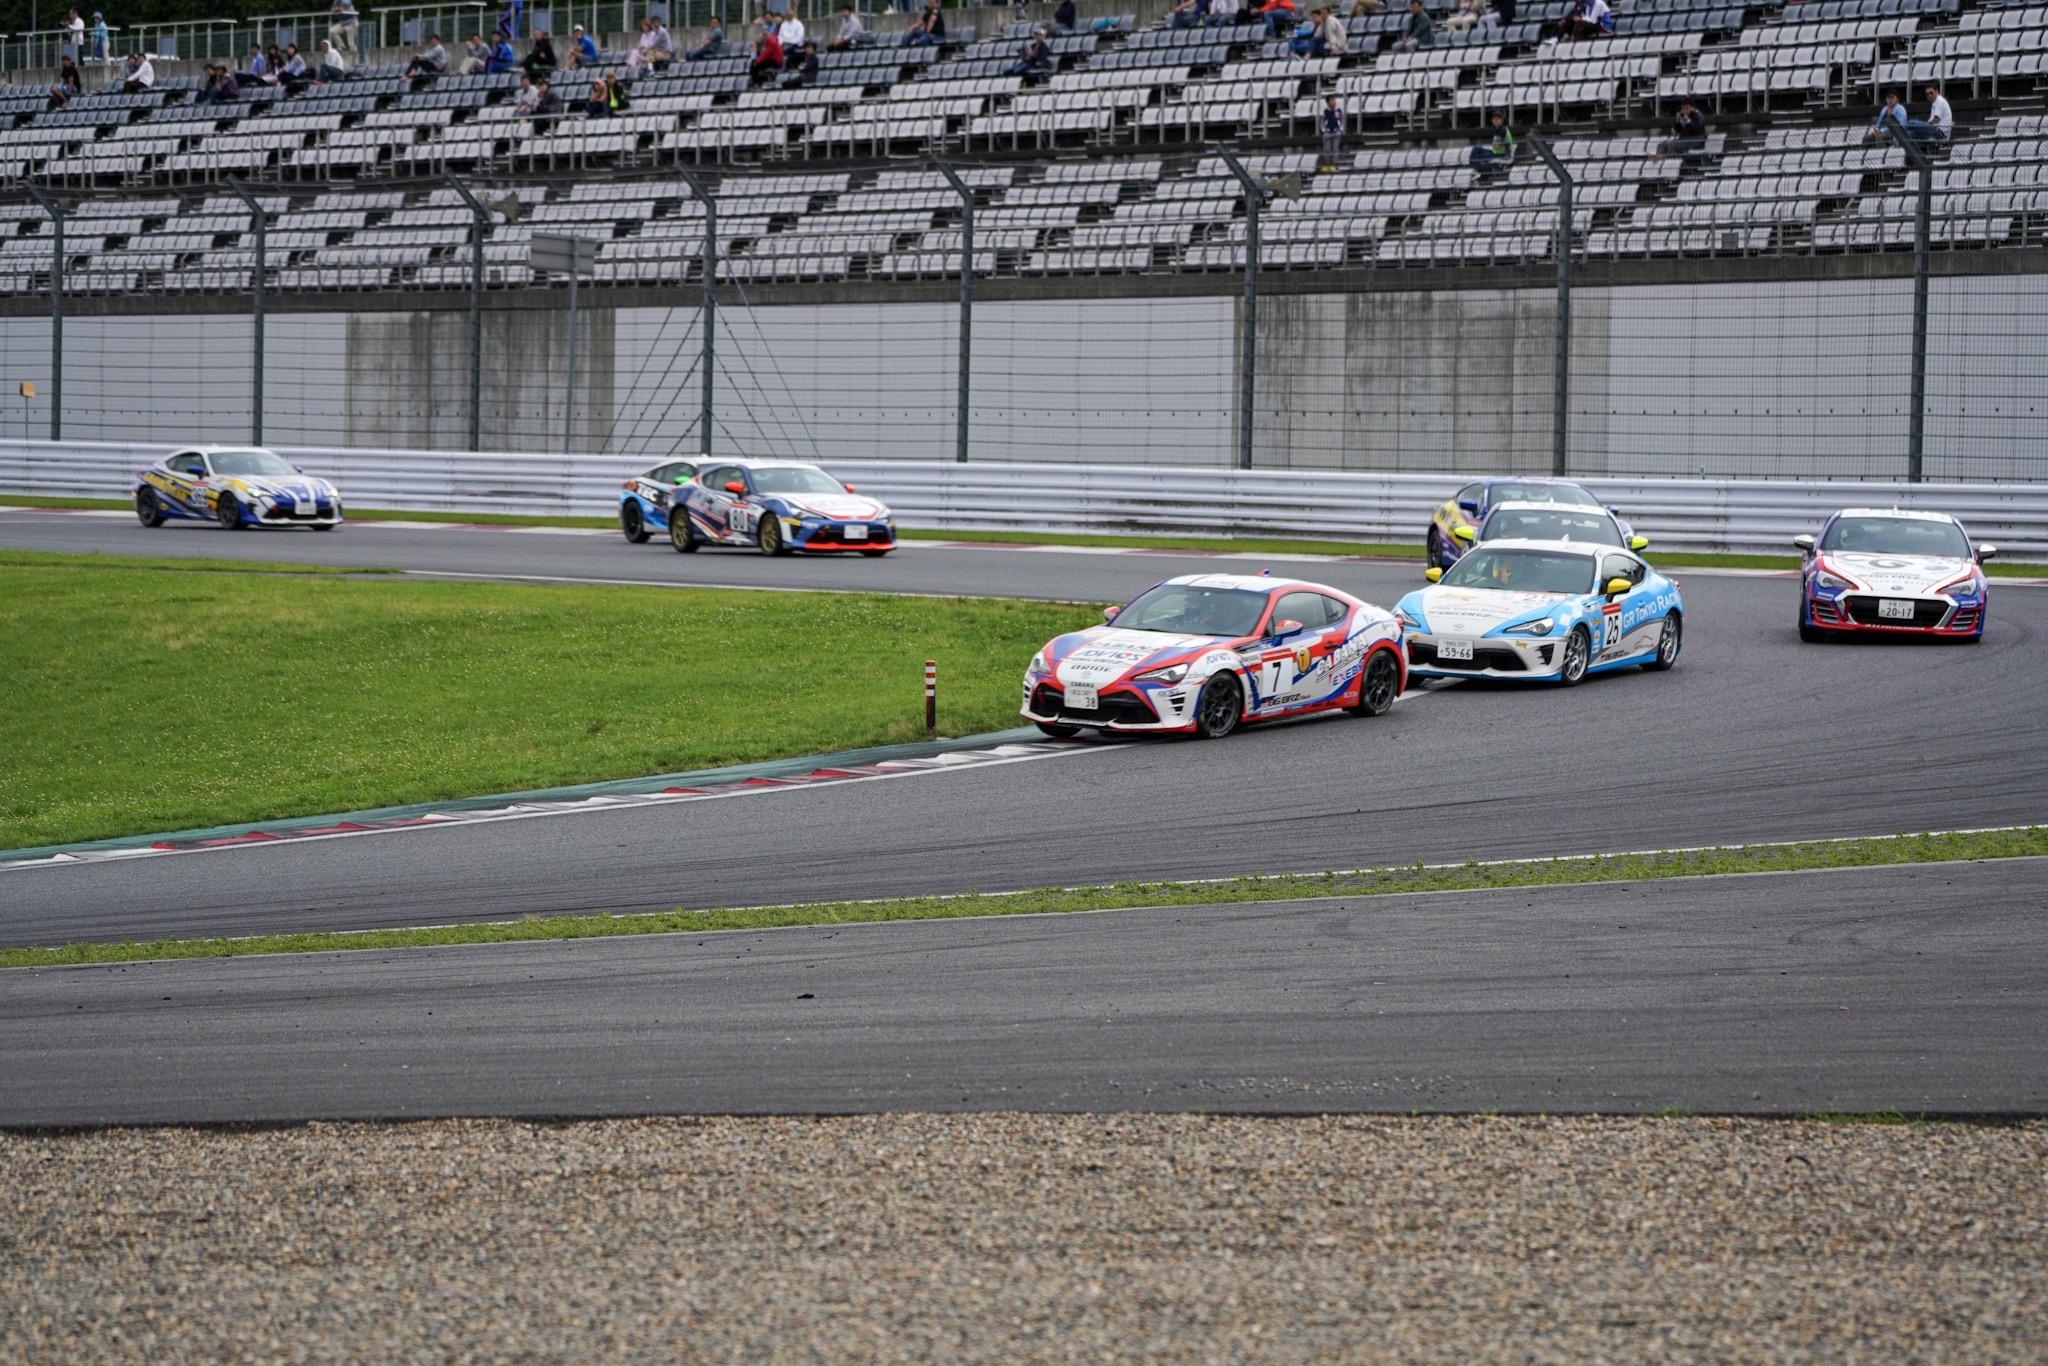 86/BRZレース・プロフェッショナルシリーズ第5戦 3ラップ 第1コーナー